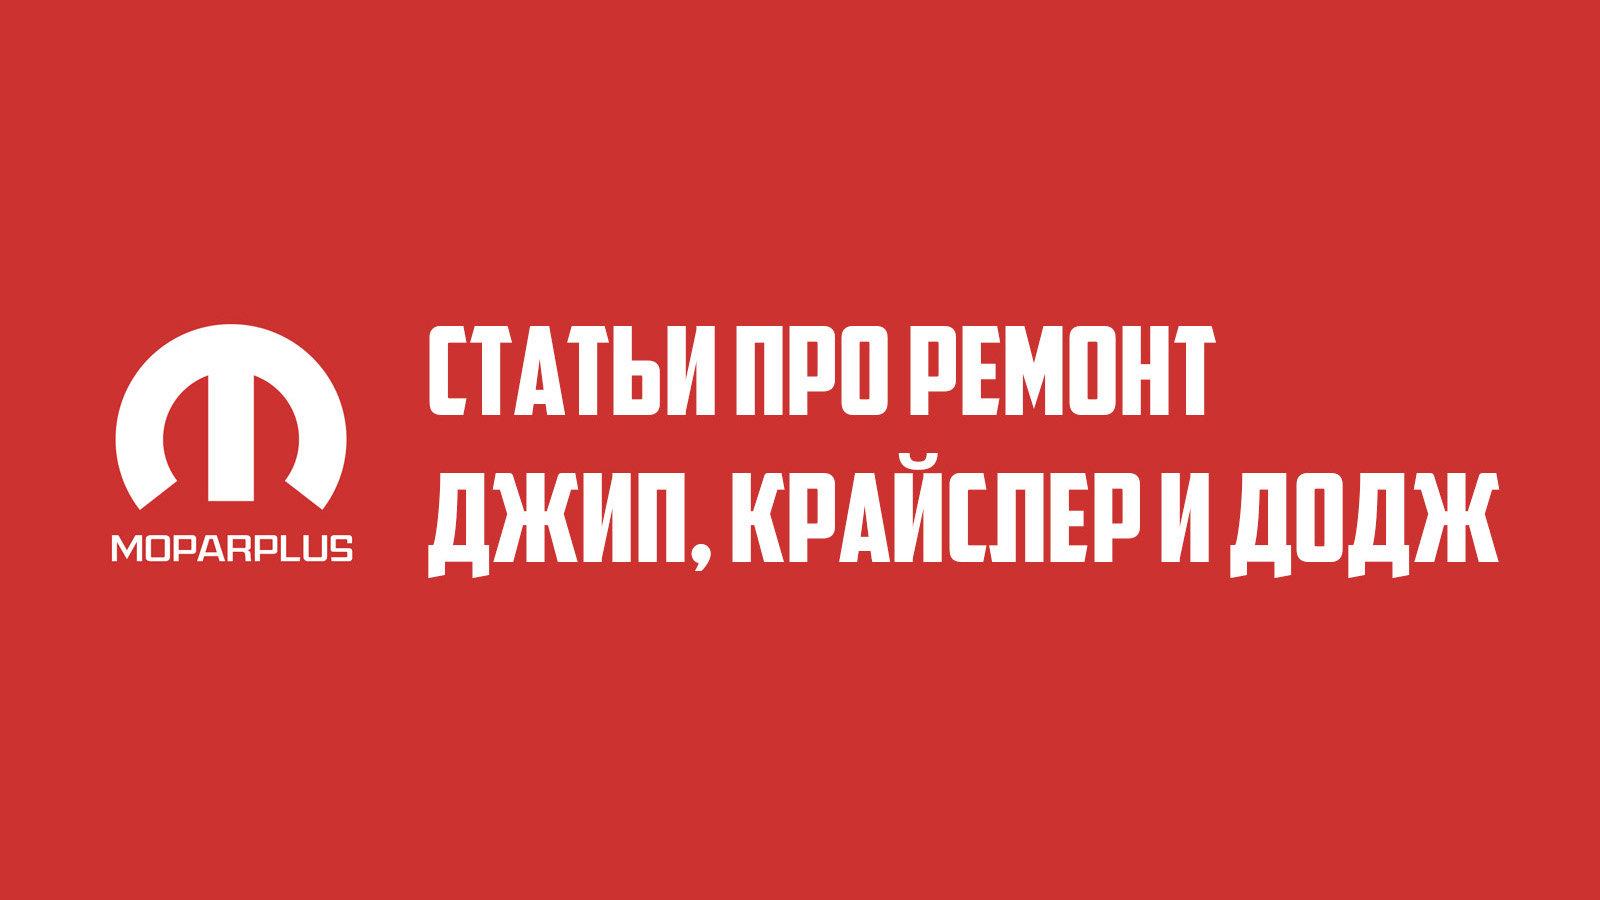 Статьи про ремонт. Выпуск №10.